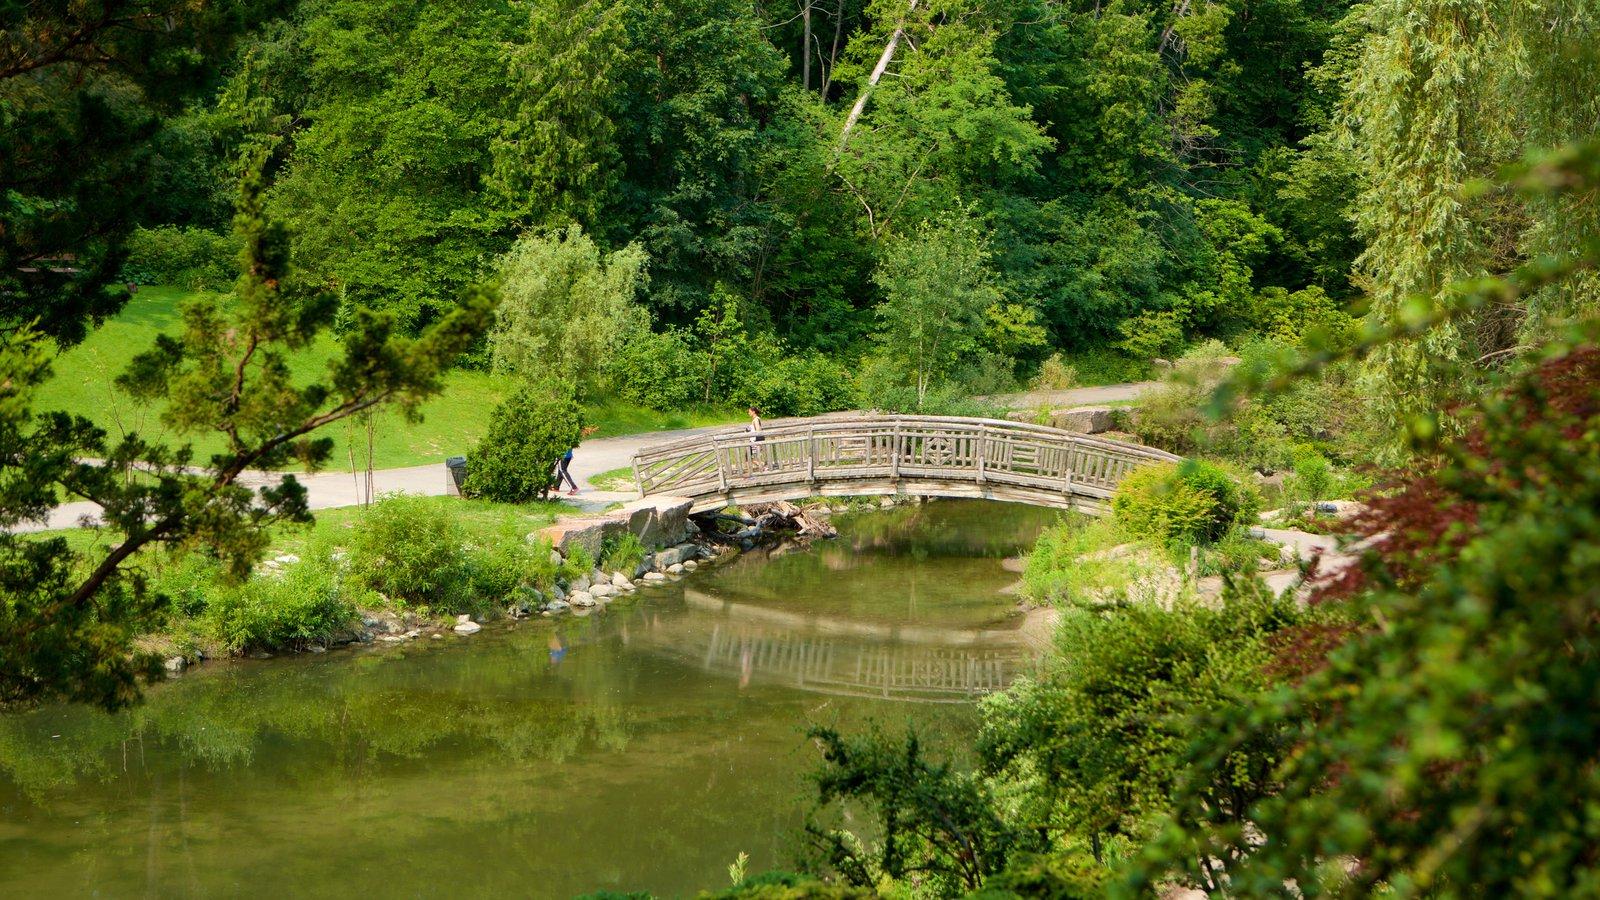 Don Mills ofreciendo un jardín, un río o arroyo y un puente